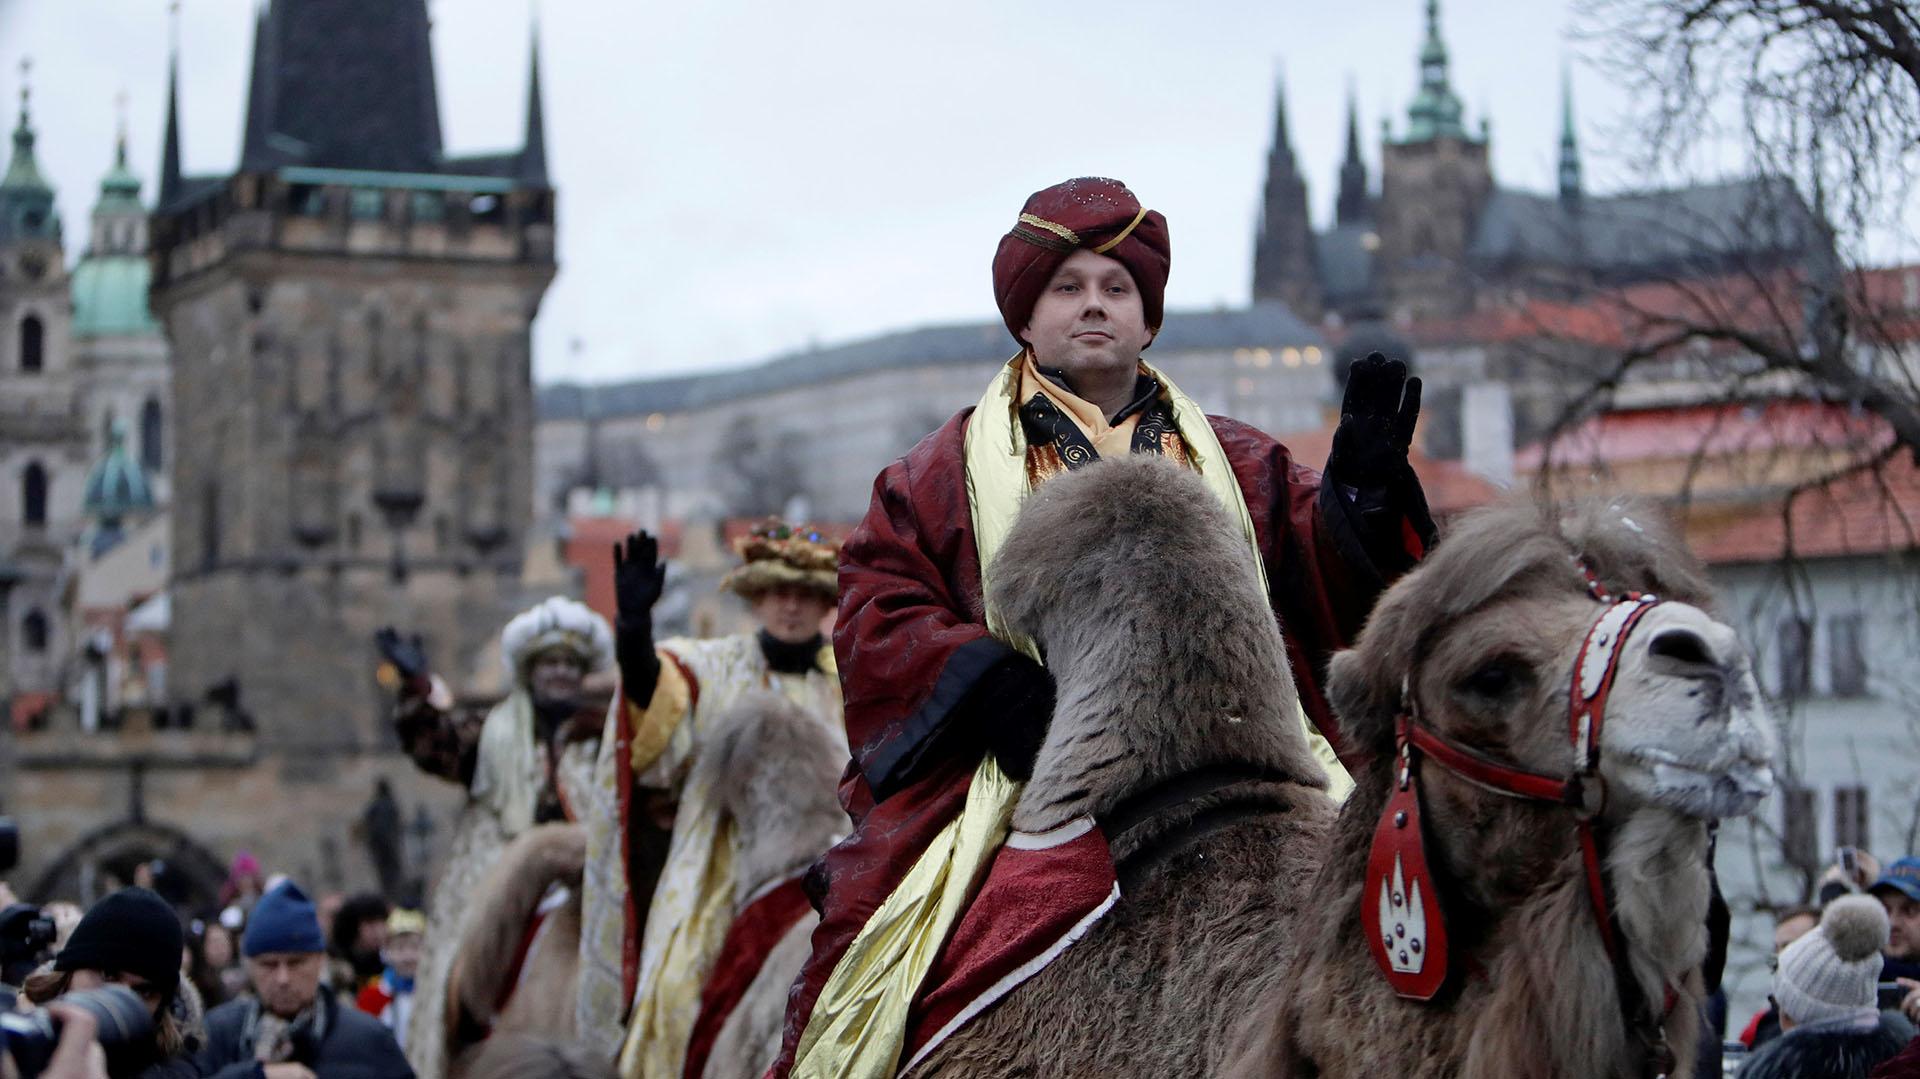 Hombres vestidos como los Reyes Magos saludan a los espectadores mientras montan camellos durante la procesión de los Reyes Magos al otro lado del puente medieval de Carlos, como parte de una recreación de la escena de la Natividad, en Praga, República Checa (Reuters)